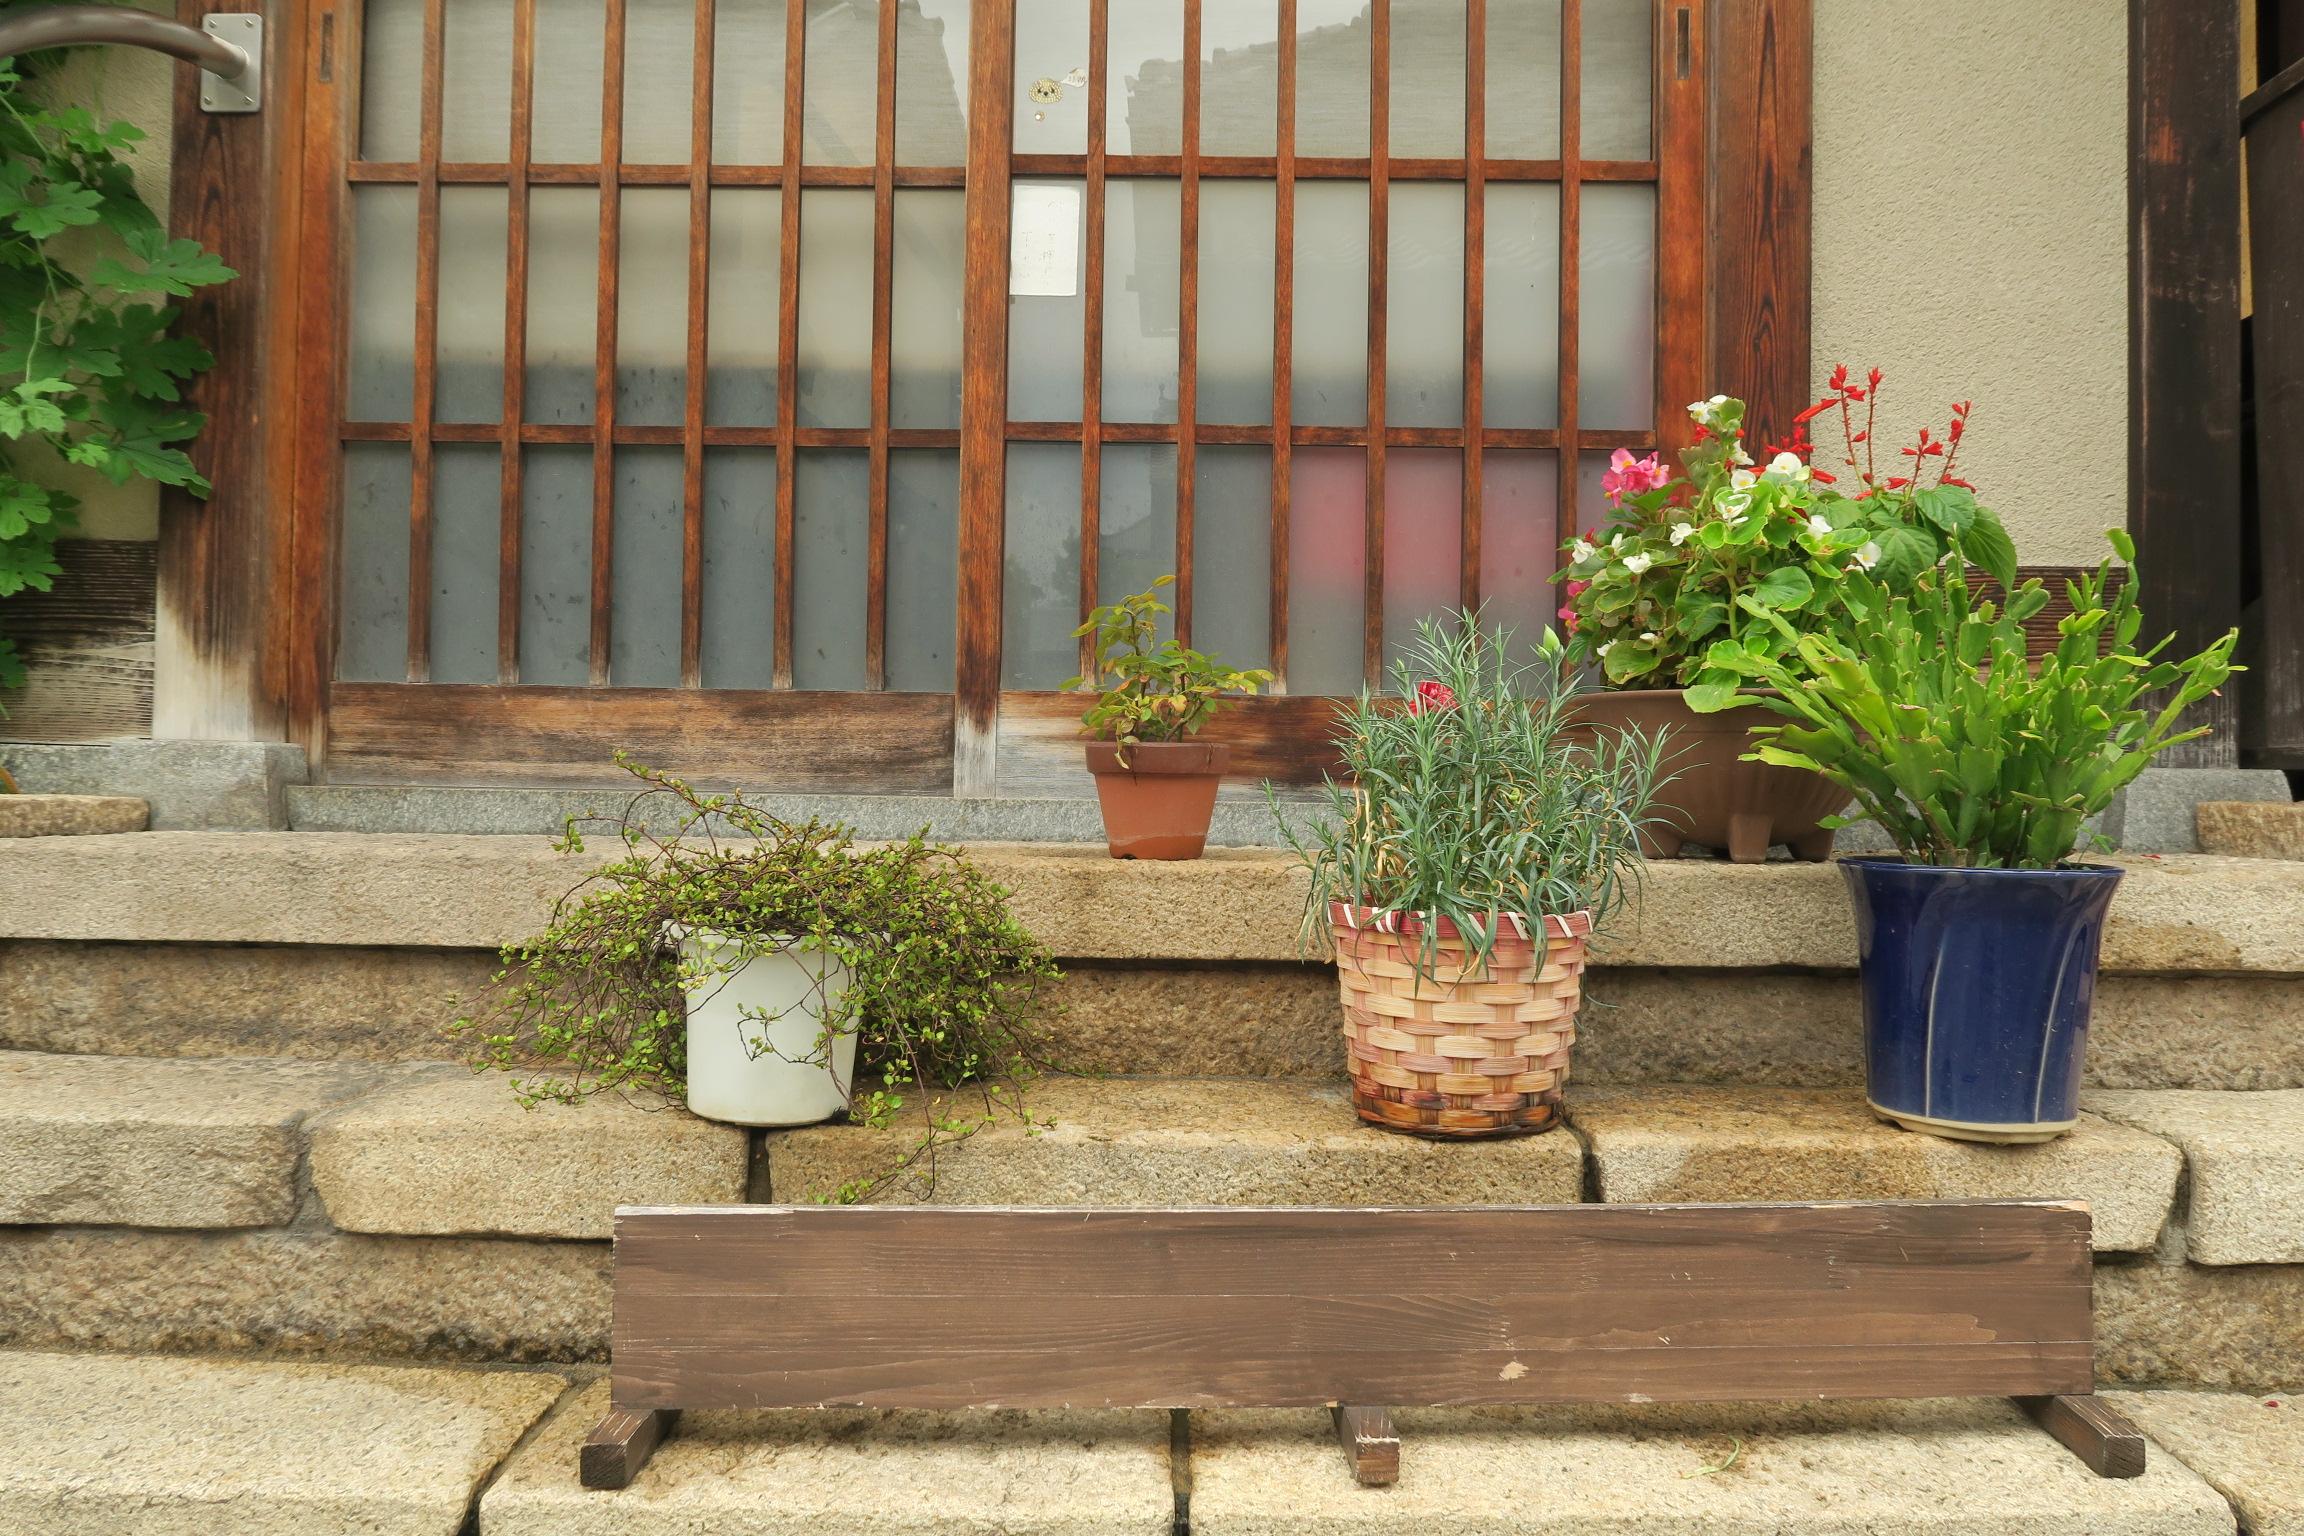 民家の玄関先に置かれていた植木鉢。雰囲気もよく思わず写真を撮ってしまいました。。。